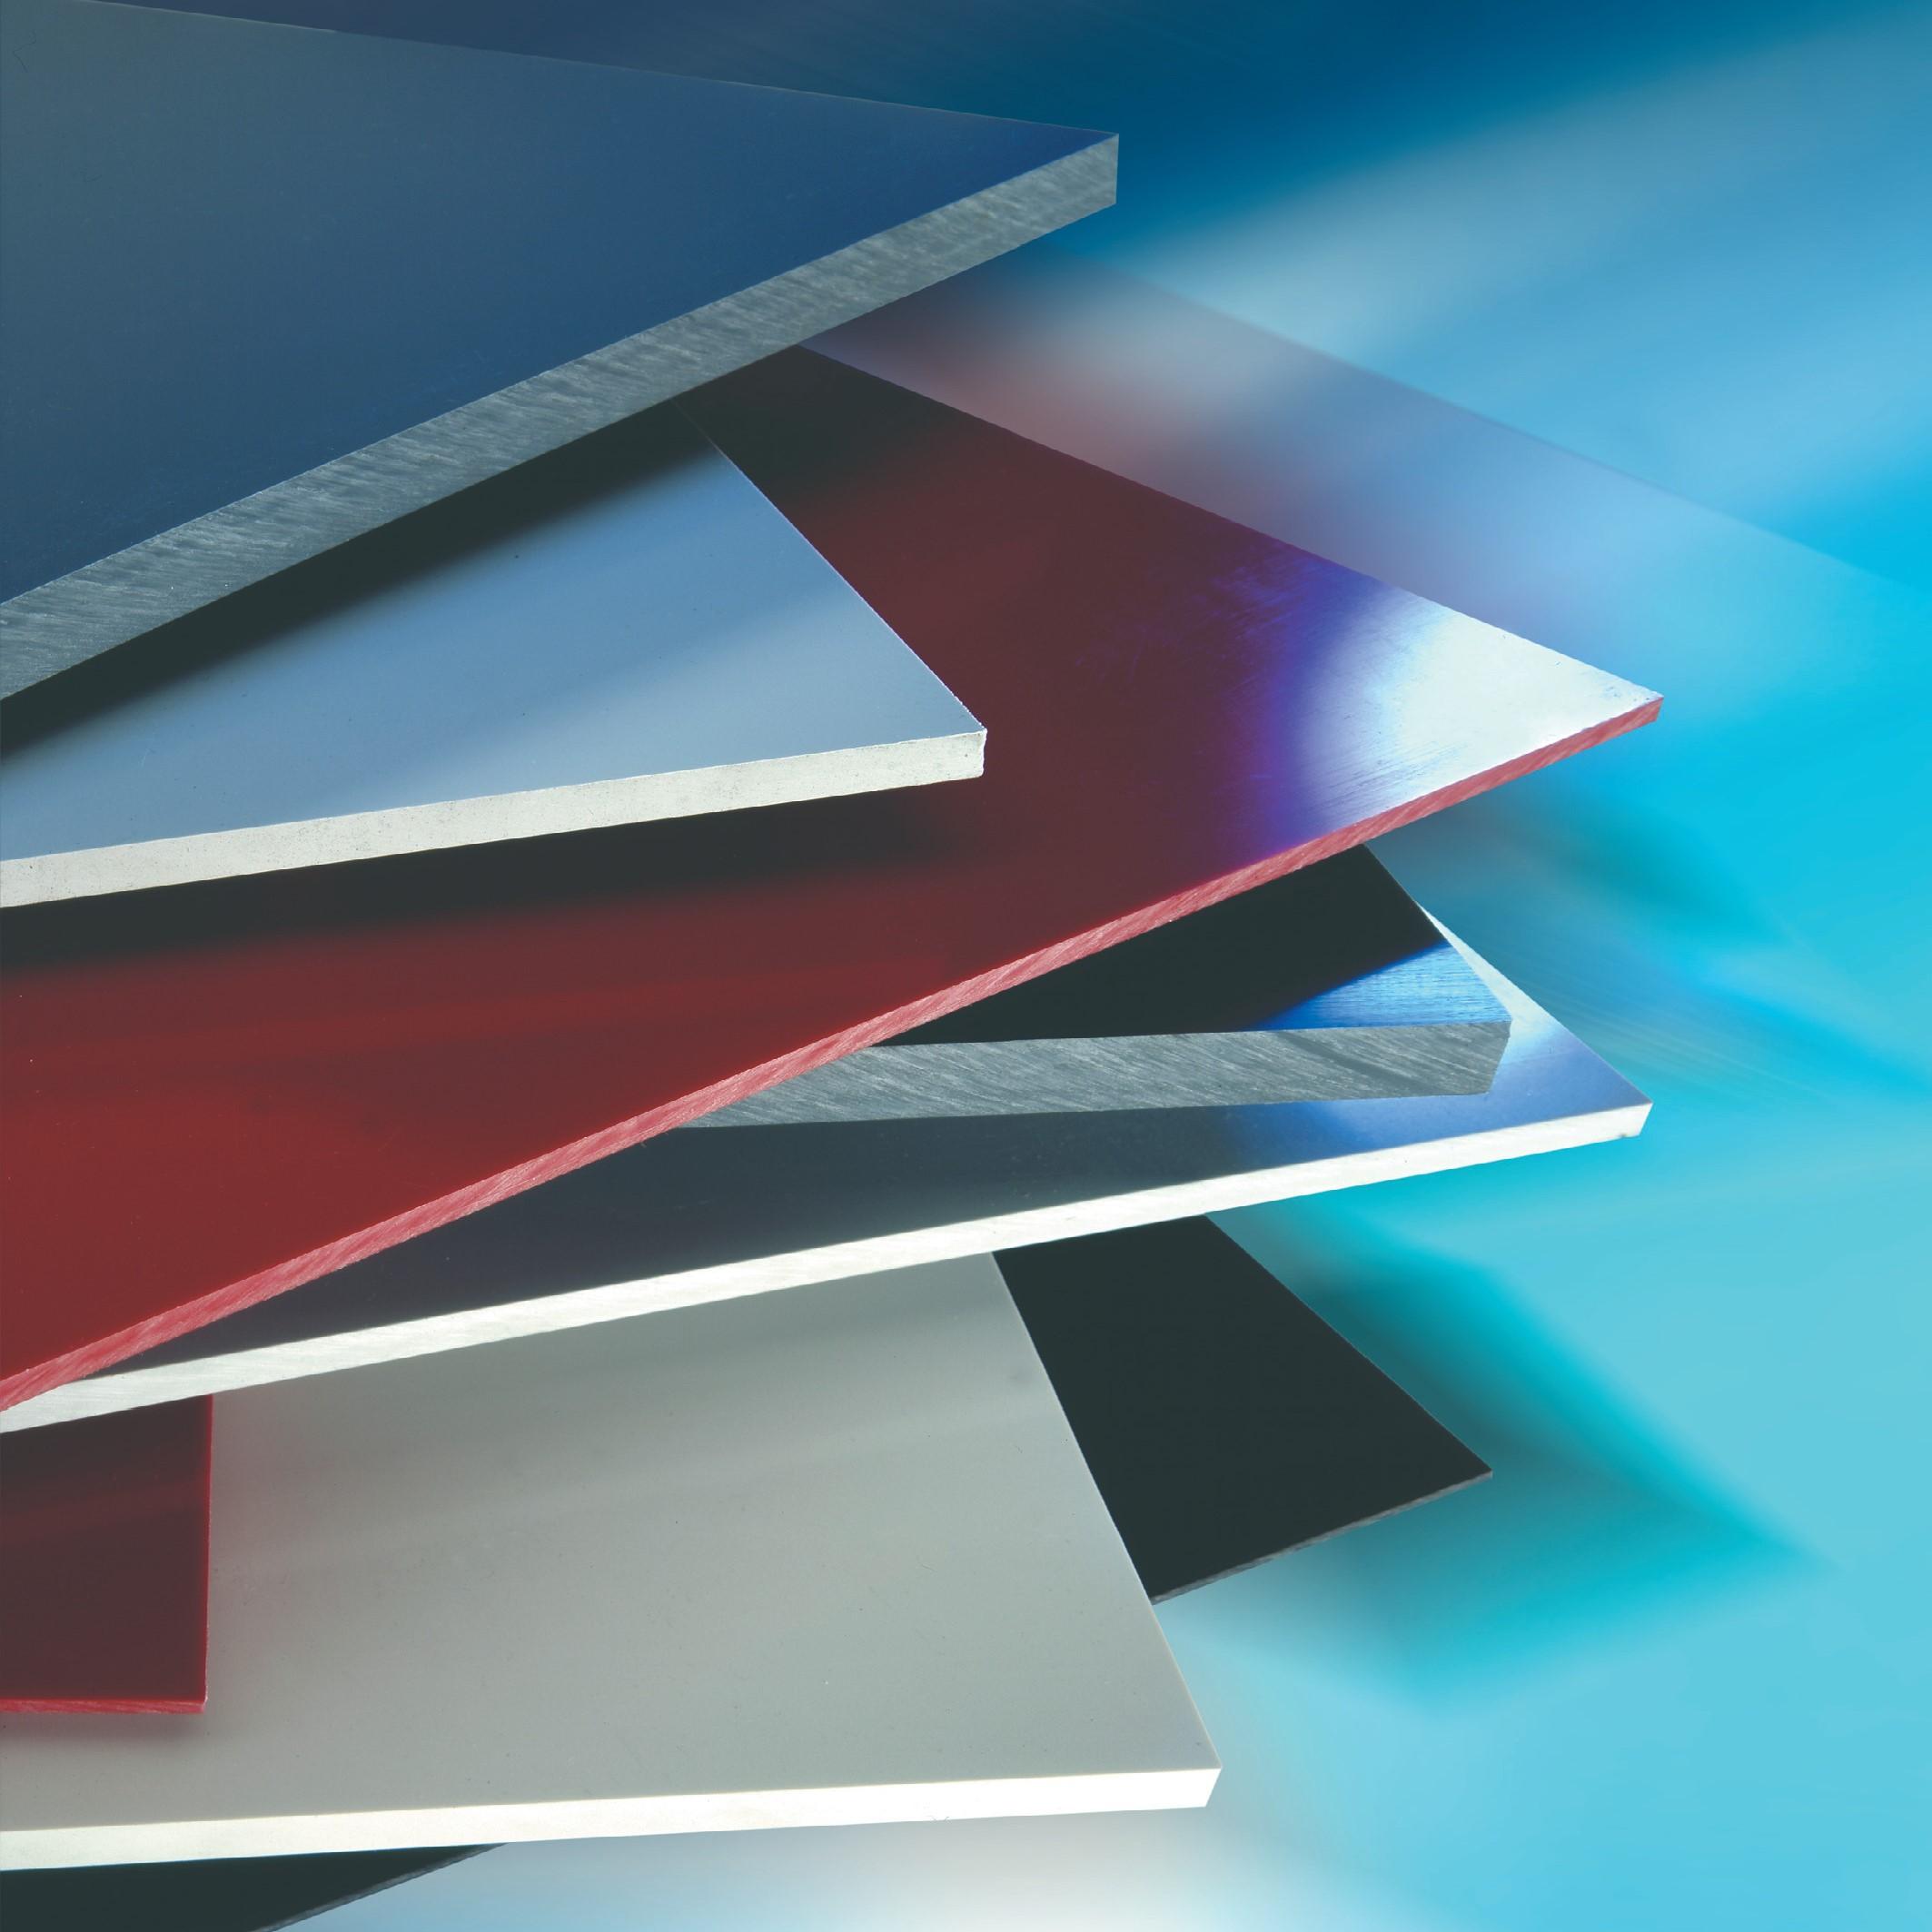 thyssenkrupp voor Kunststof halffabrikaten voor de Visuele Communicatie design reclamesector